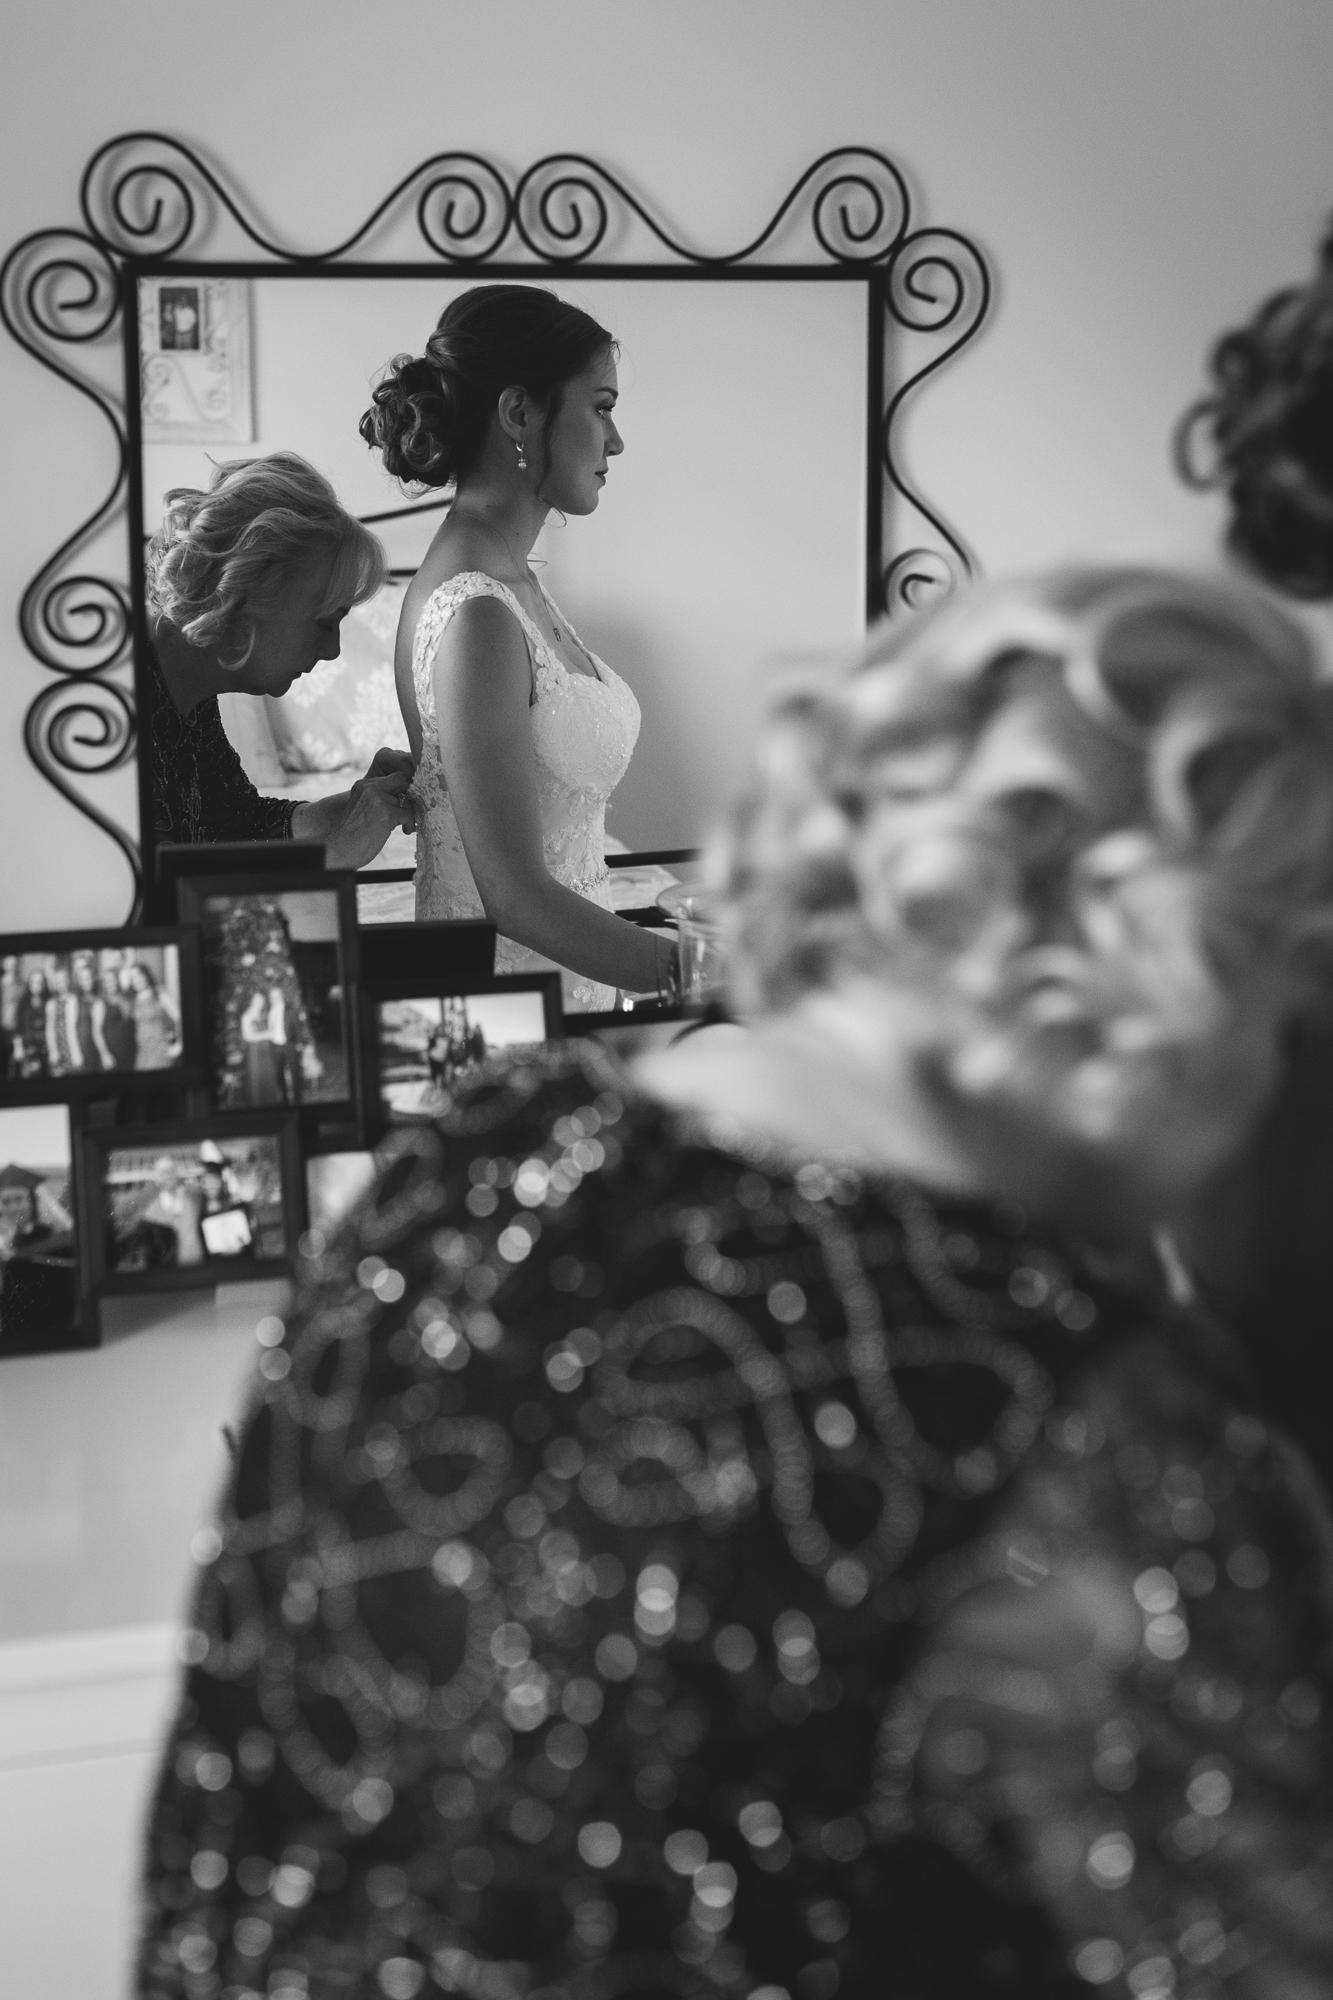 Deanna-Rachel-Photography-calgary-Wedding-photographer-jm-13.jpg